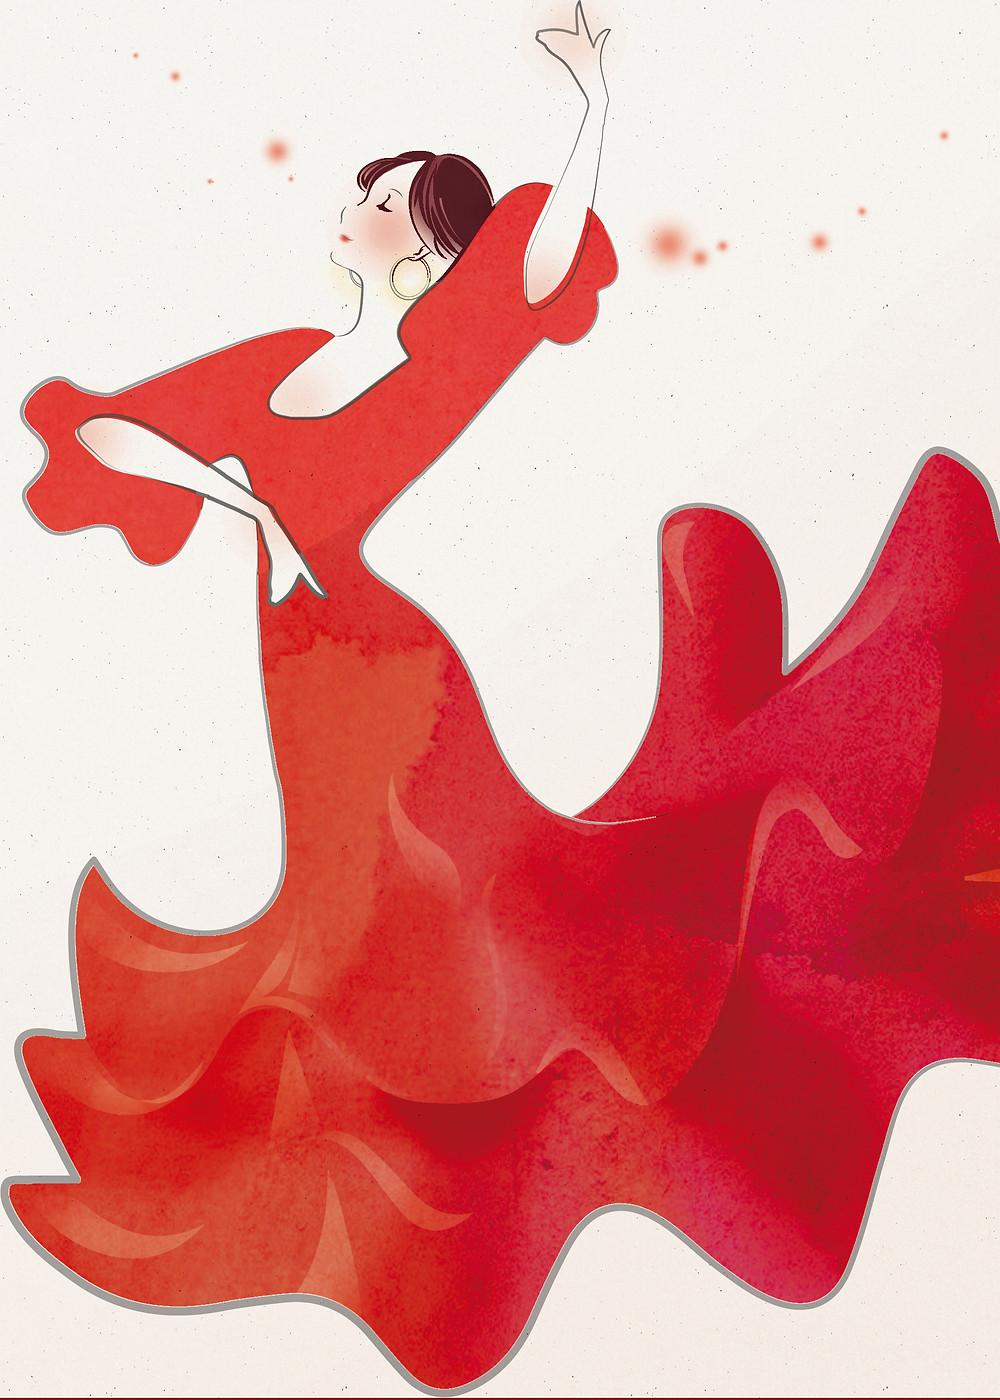 デザイナーに、アリアーテで踊るバイラオーラのをデザインしてもらいました。